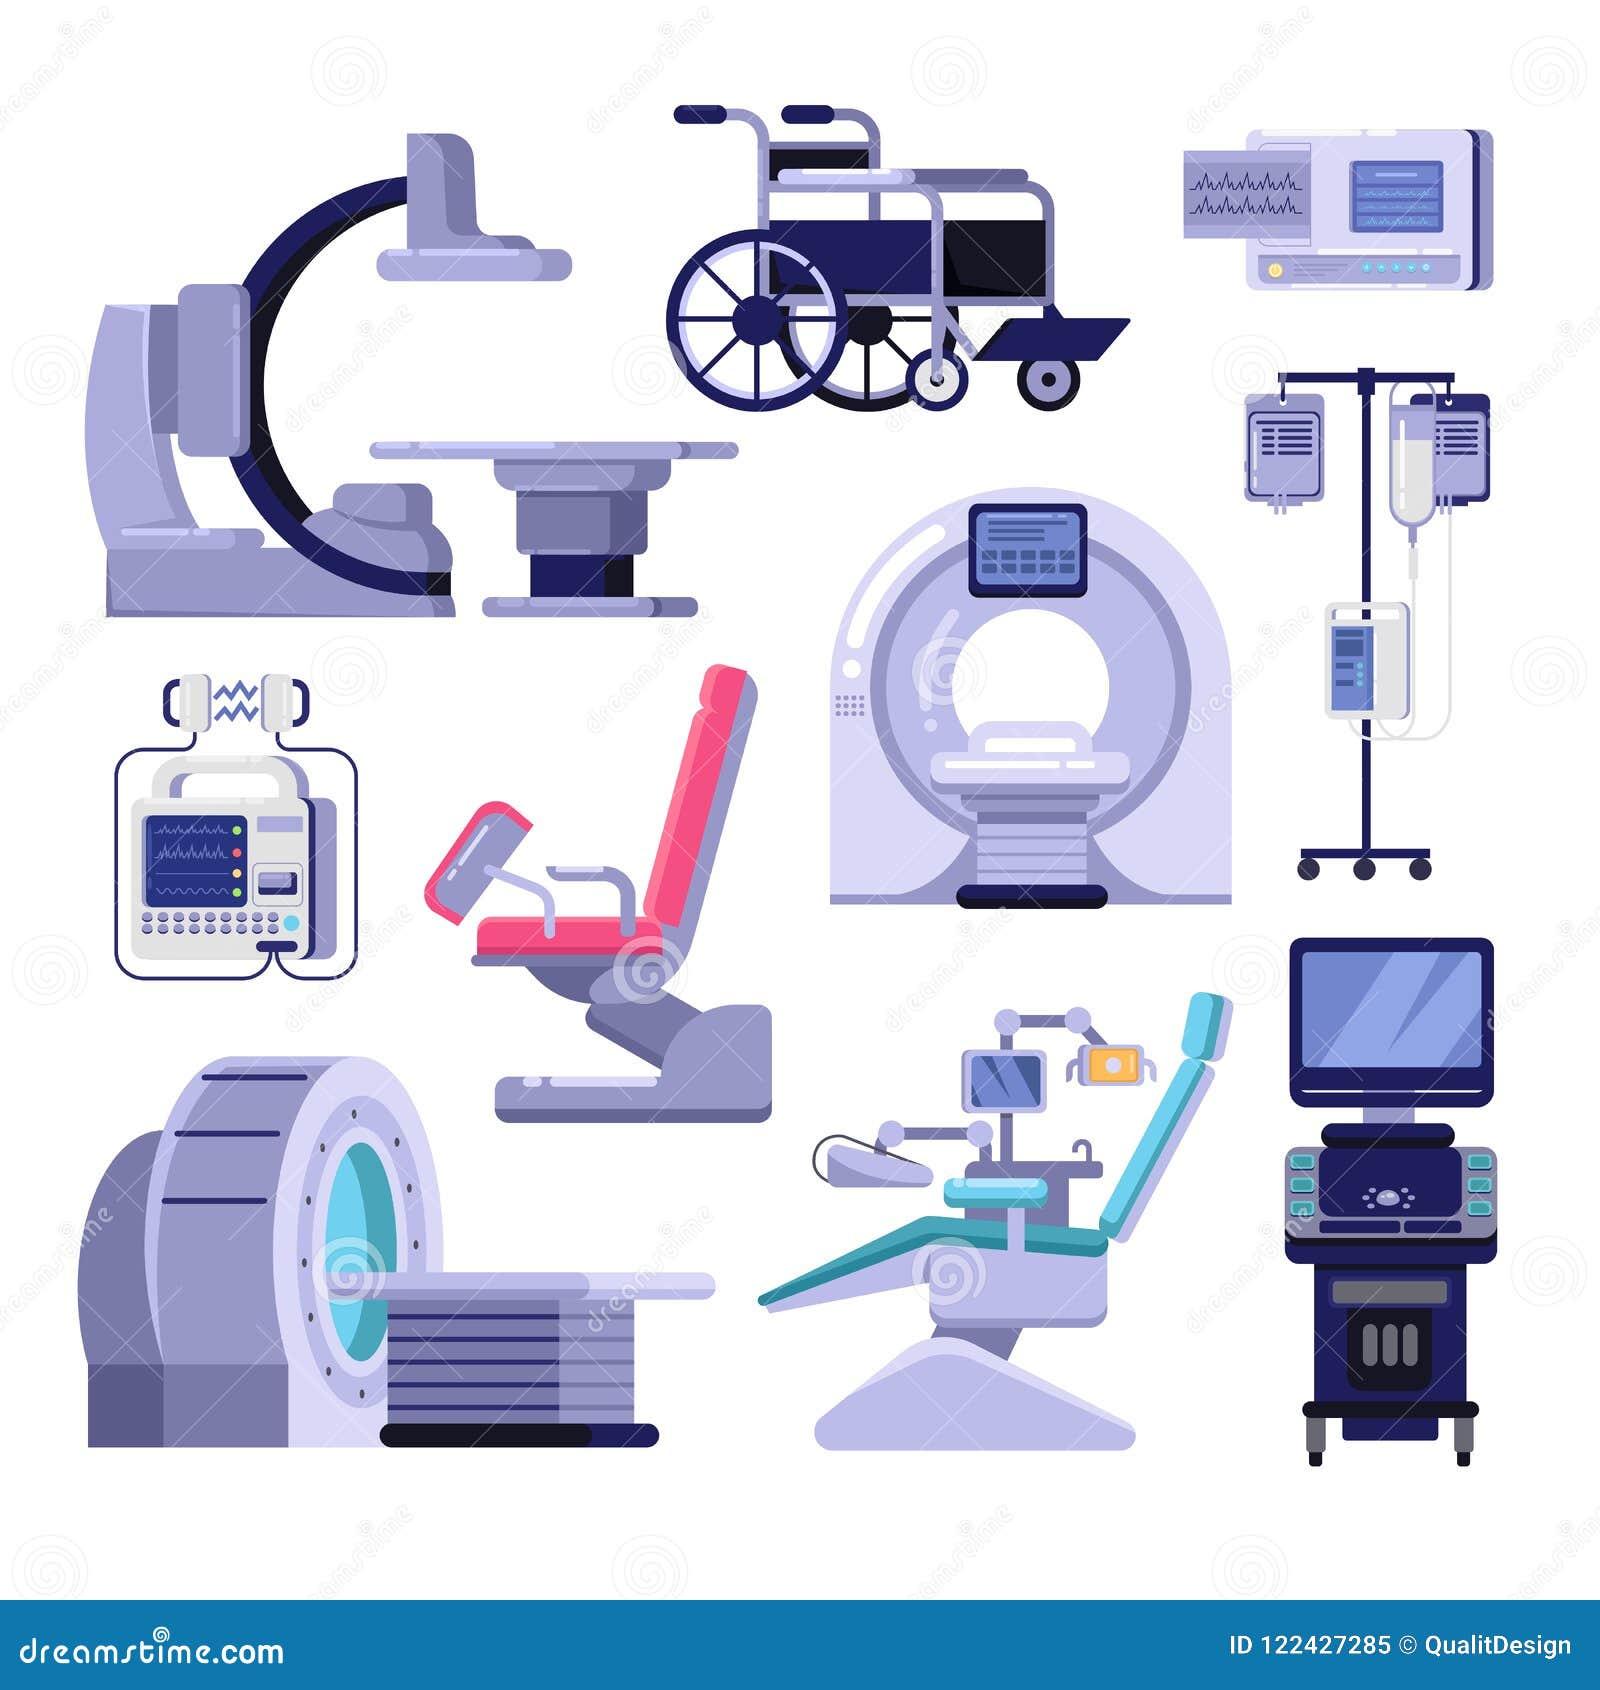 Ιατρικός διαγνωστικός εξοπλισμός εξέτασης Διανυσματική απεικόνιση της καρέκλας MRI, γυναικολογίας και οδοντιάτρων, μηχανή υπερήχο